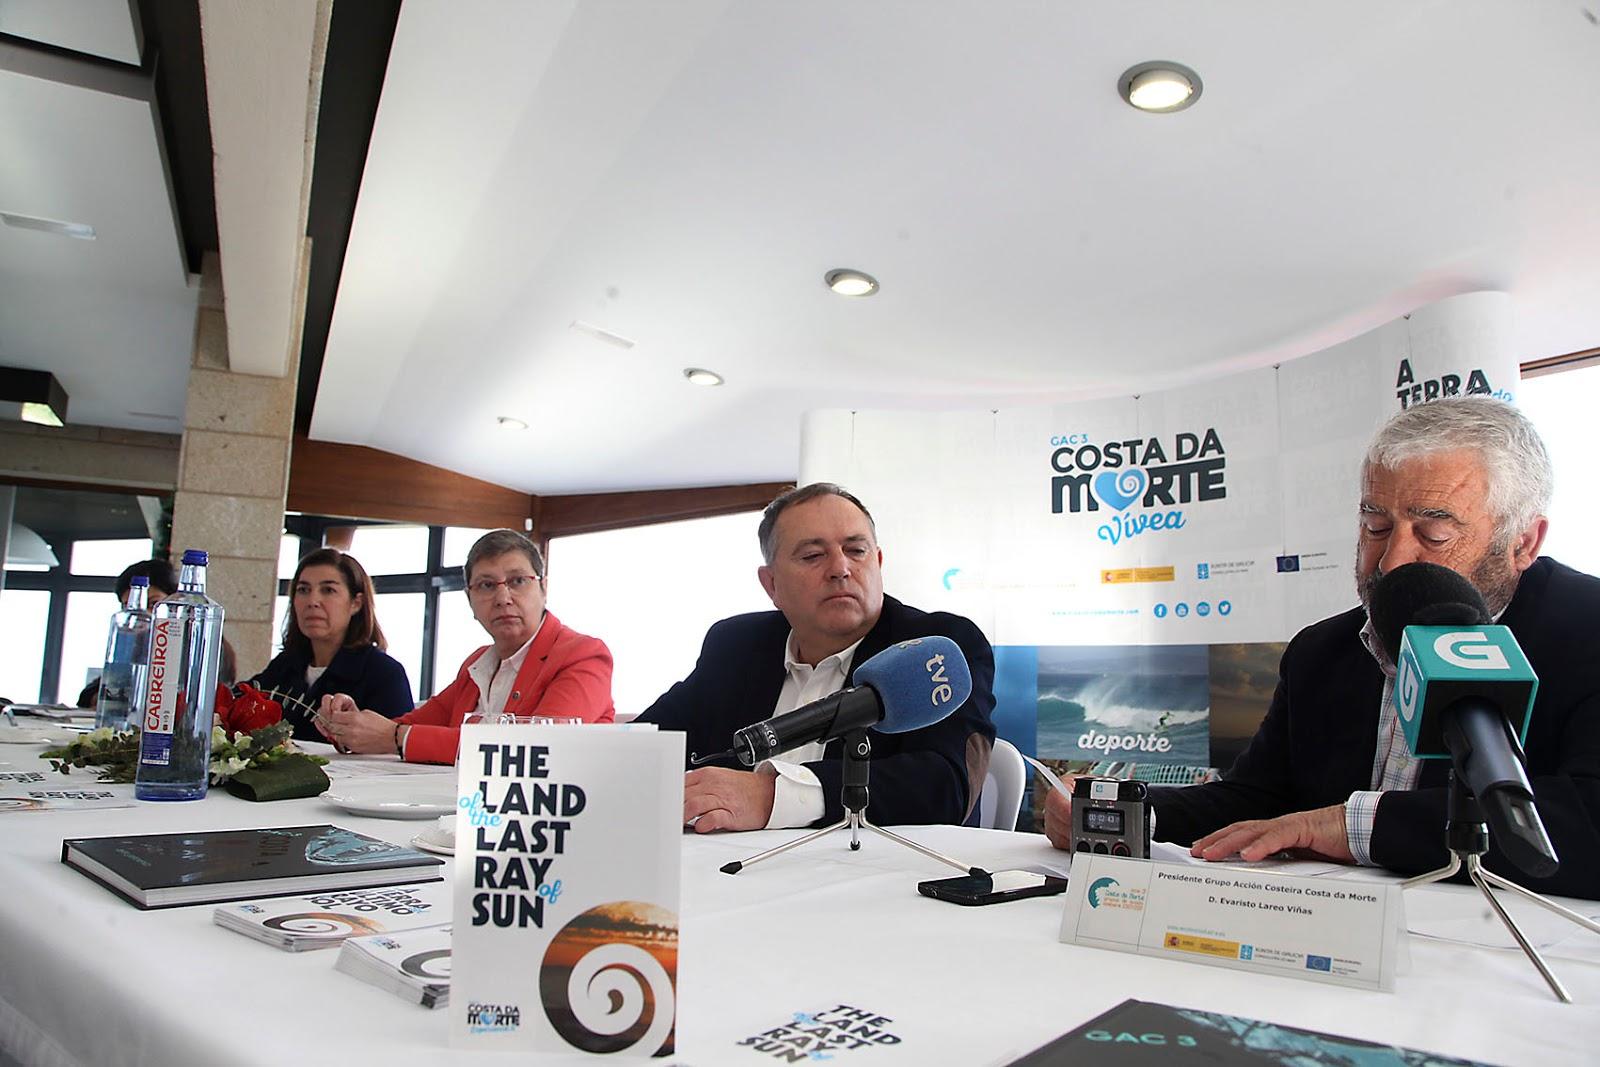 EXCLUSIVA: Los estómagos de Rosa Quintana, Evaristo Lareo Viñas y el  Alcalde de Laracha acumulan fondos públicos que manejan en tramas y ardices  culinarios a los que solo están invitados sus hijos